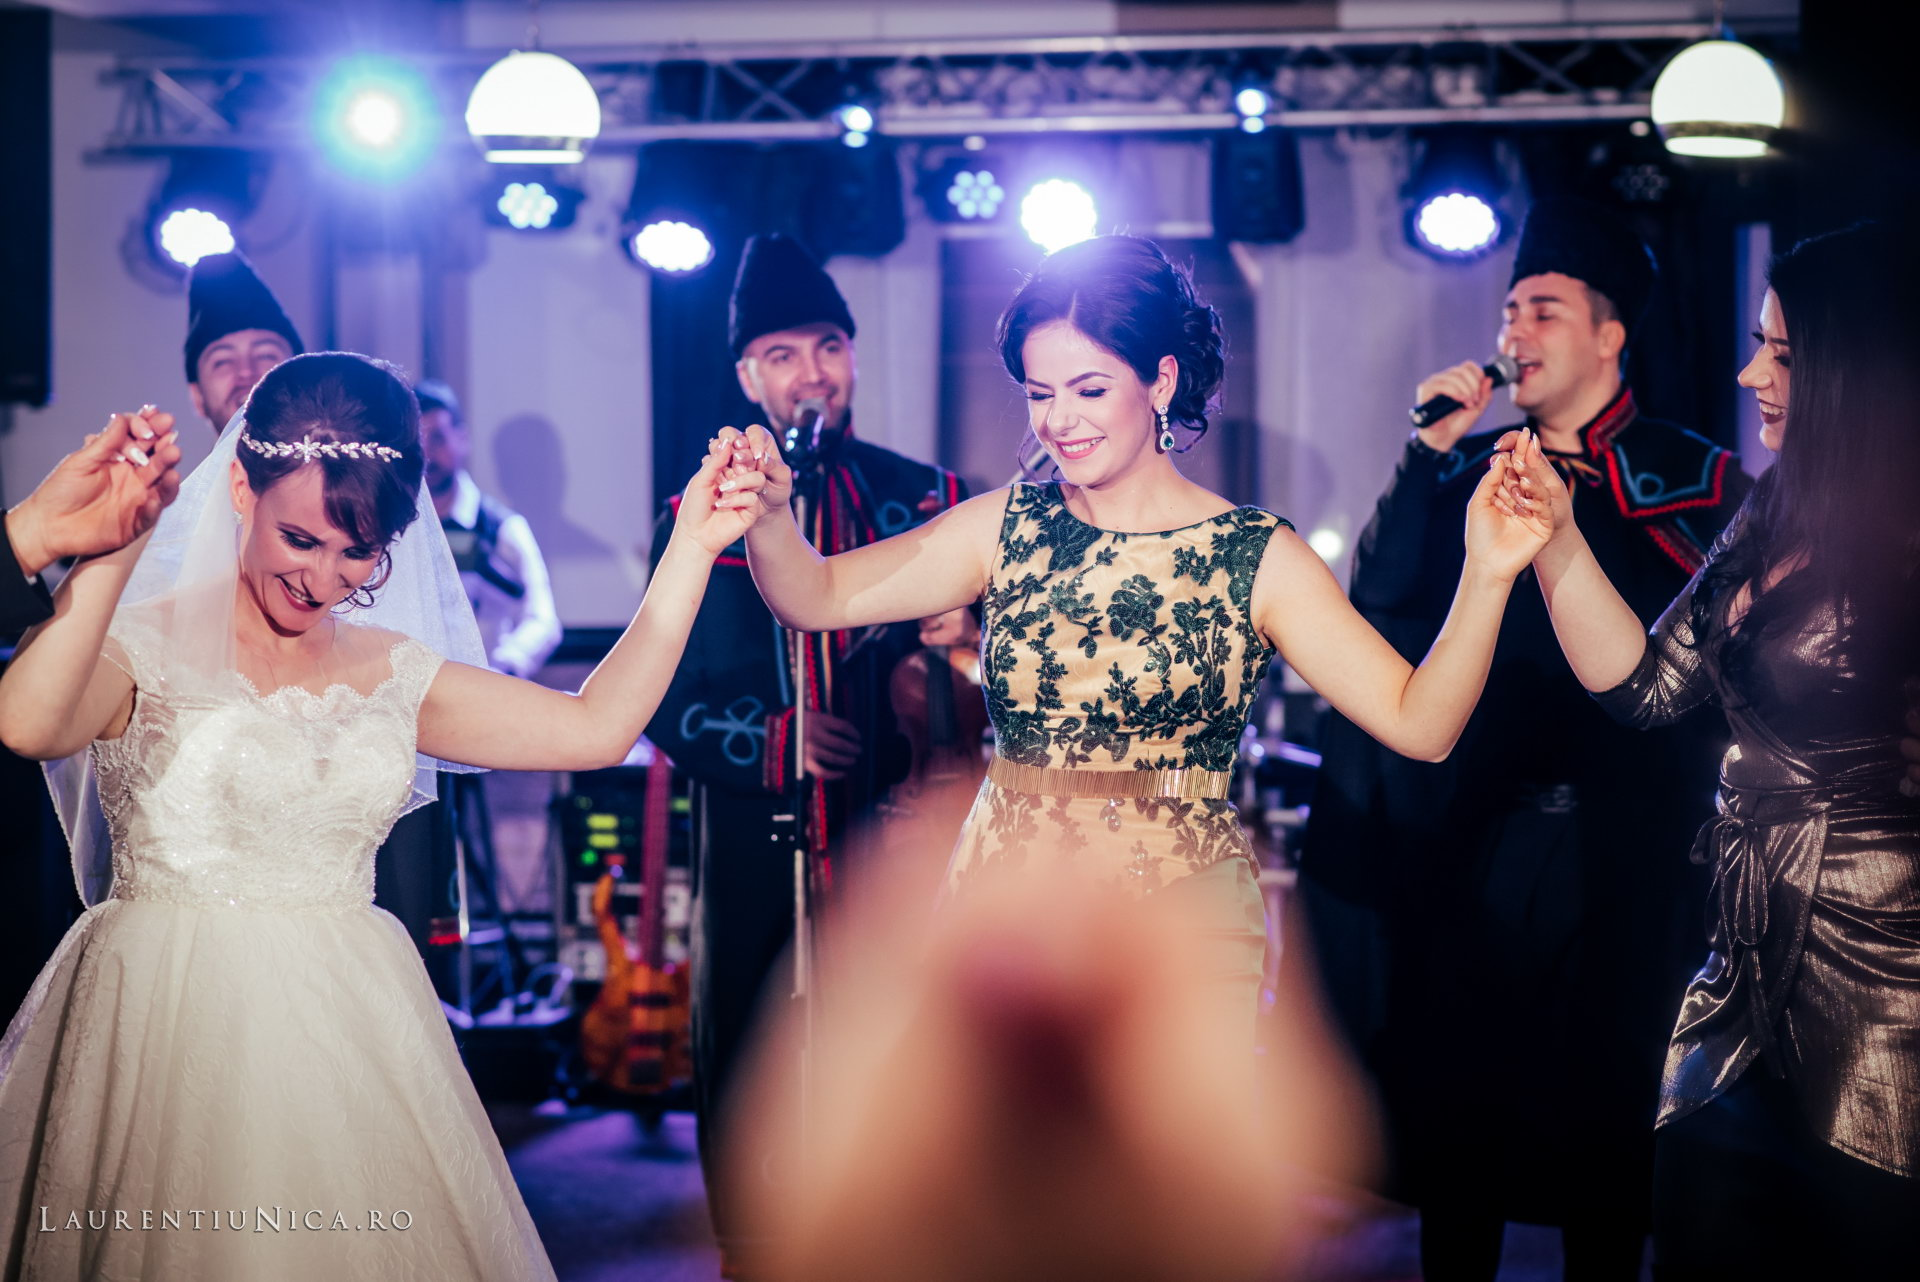 daniela si marius fotografii nunta craiova laurentiu nica51 - Daniela & Marius | Fotografii nunta